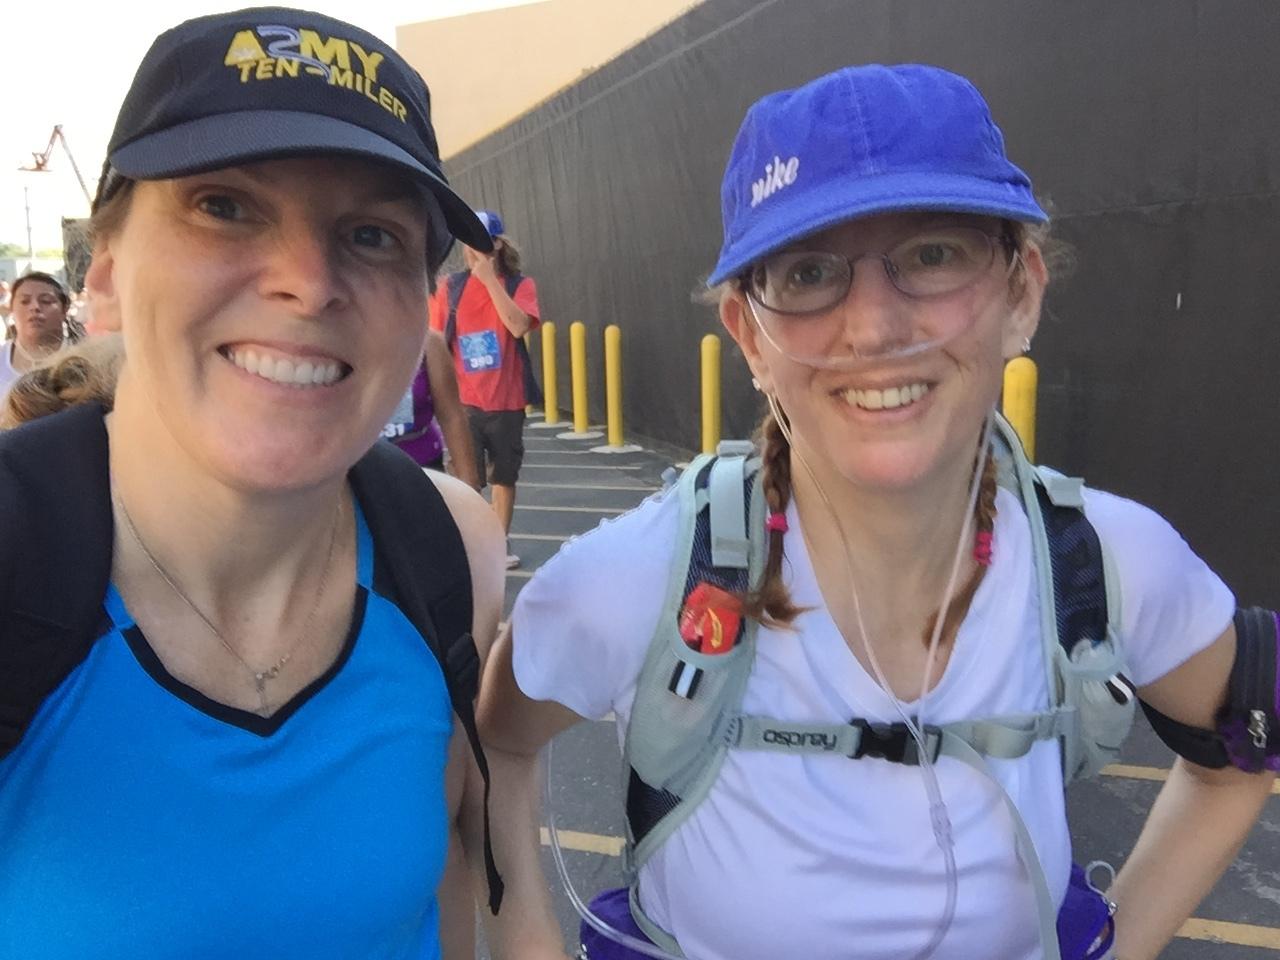 Selfie during the half marathon.